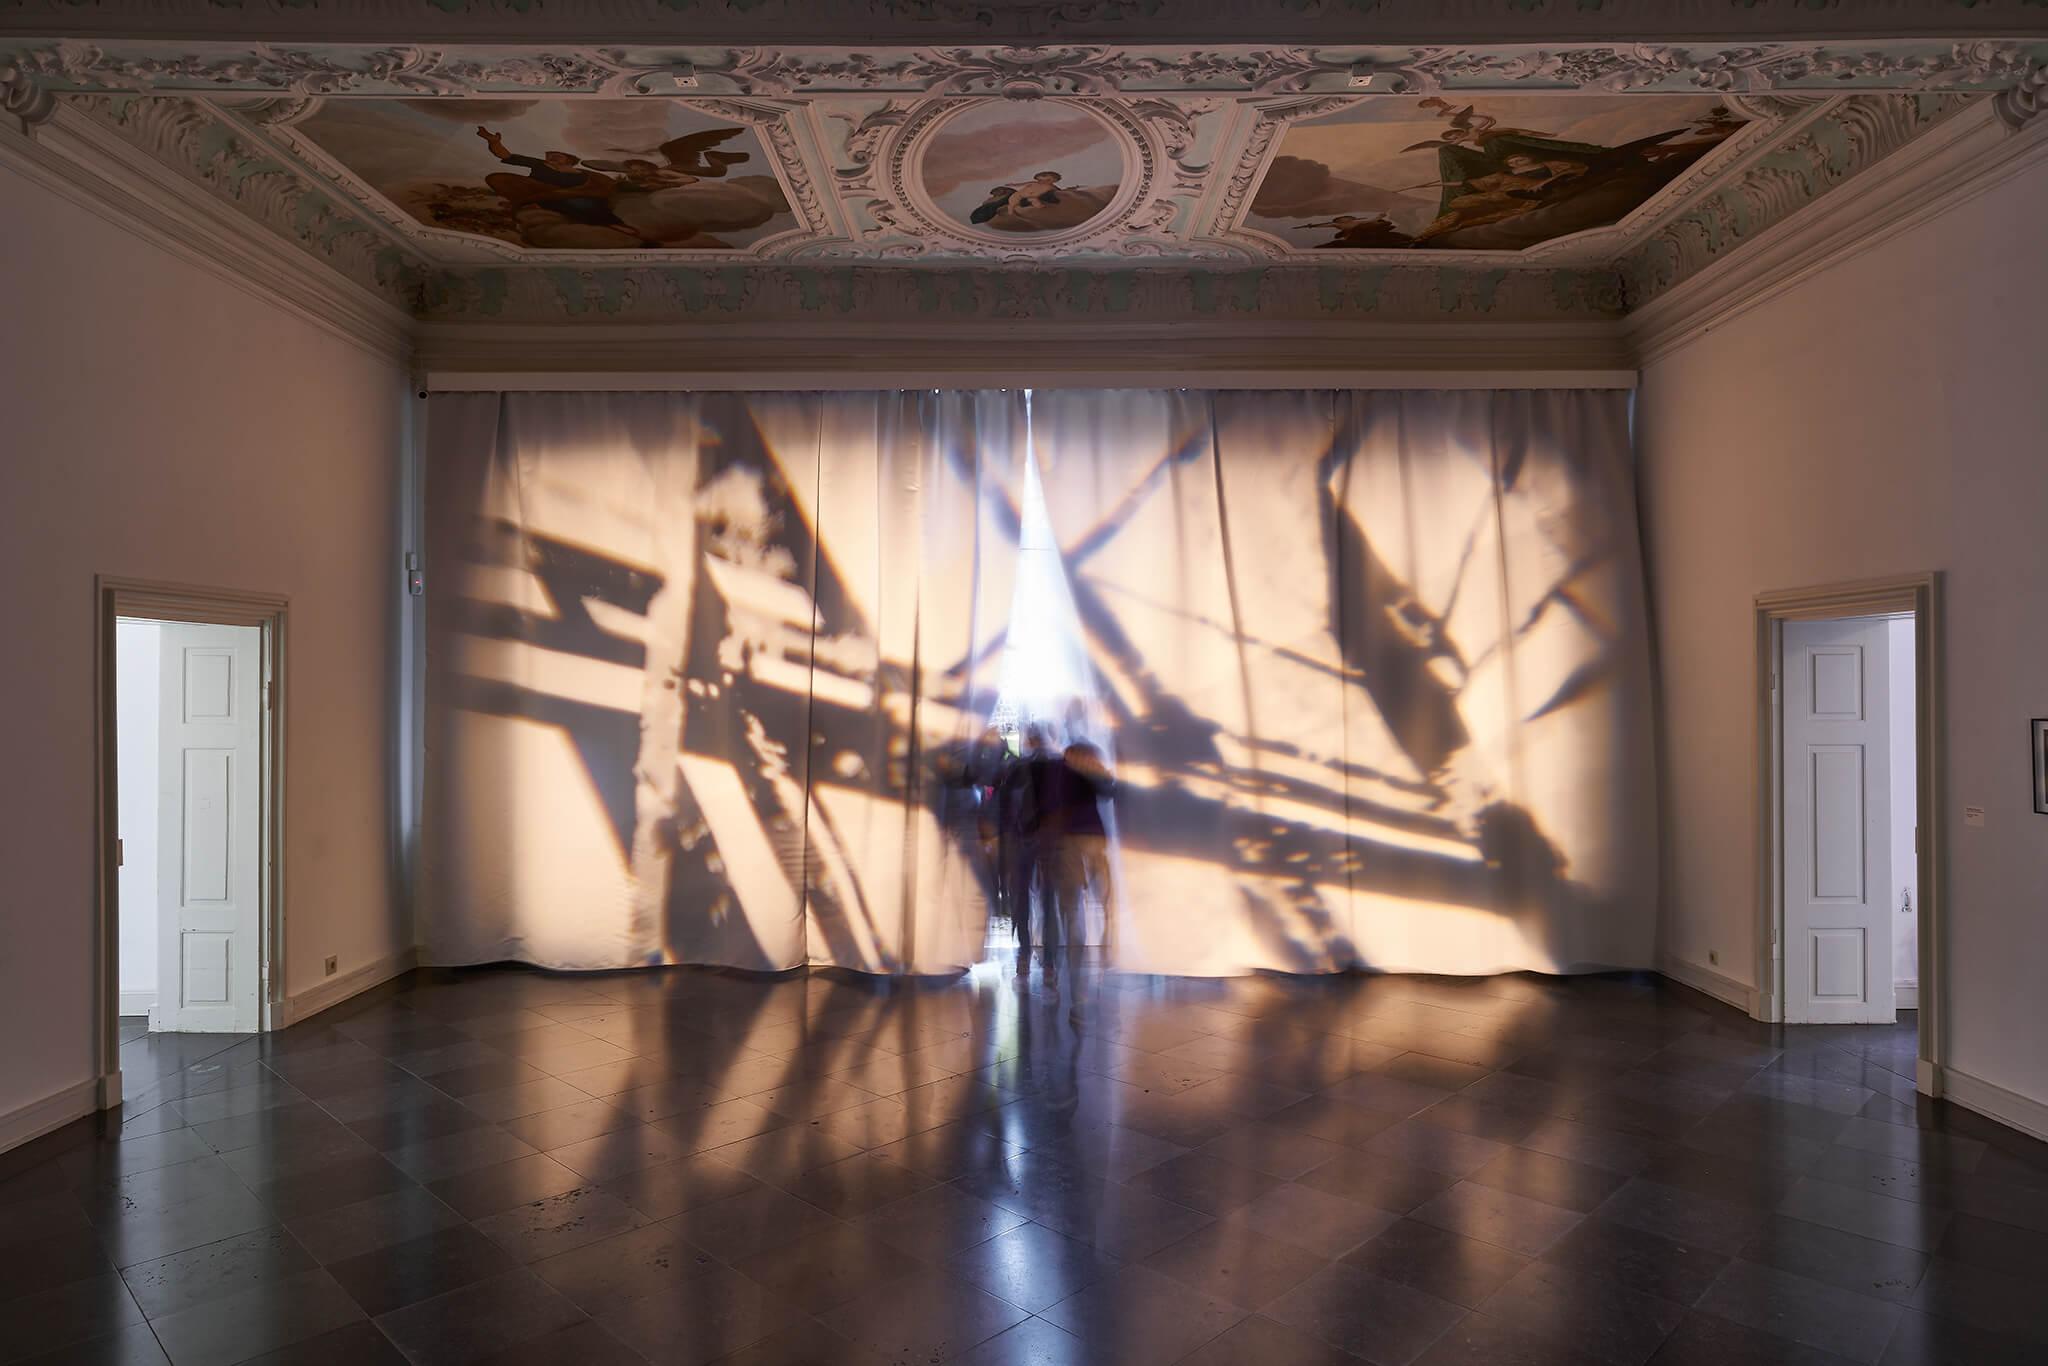 106_Frauke-Dannert_Collage_Ausstellung_Mehrfachbelichtung_Installation_against-representation_Kunsthaus-NRW_Kornelimünster_2017